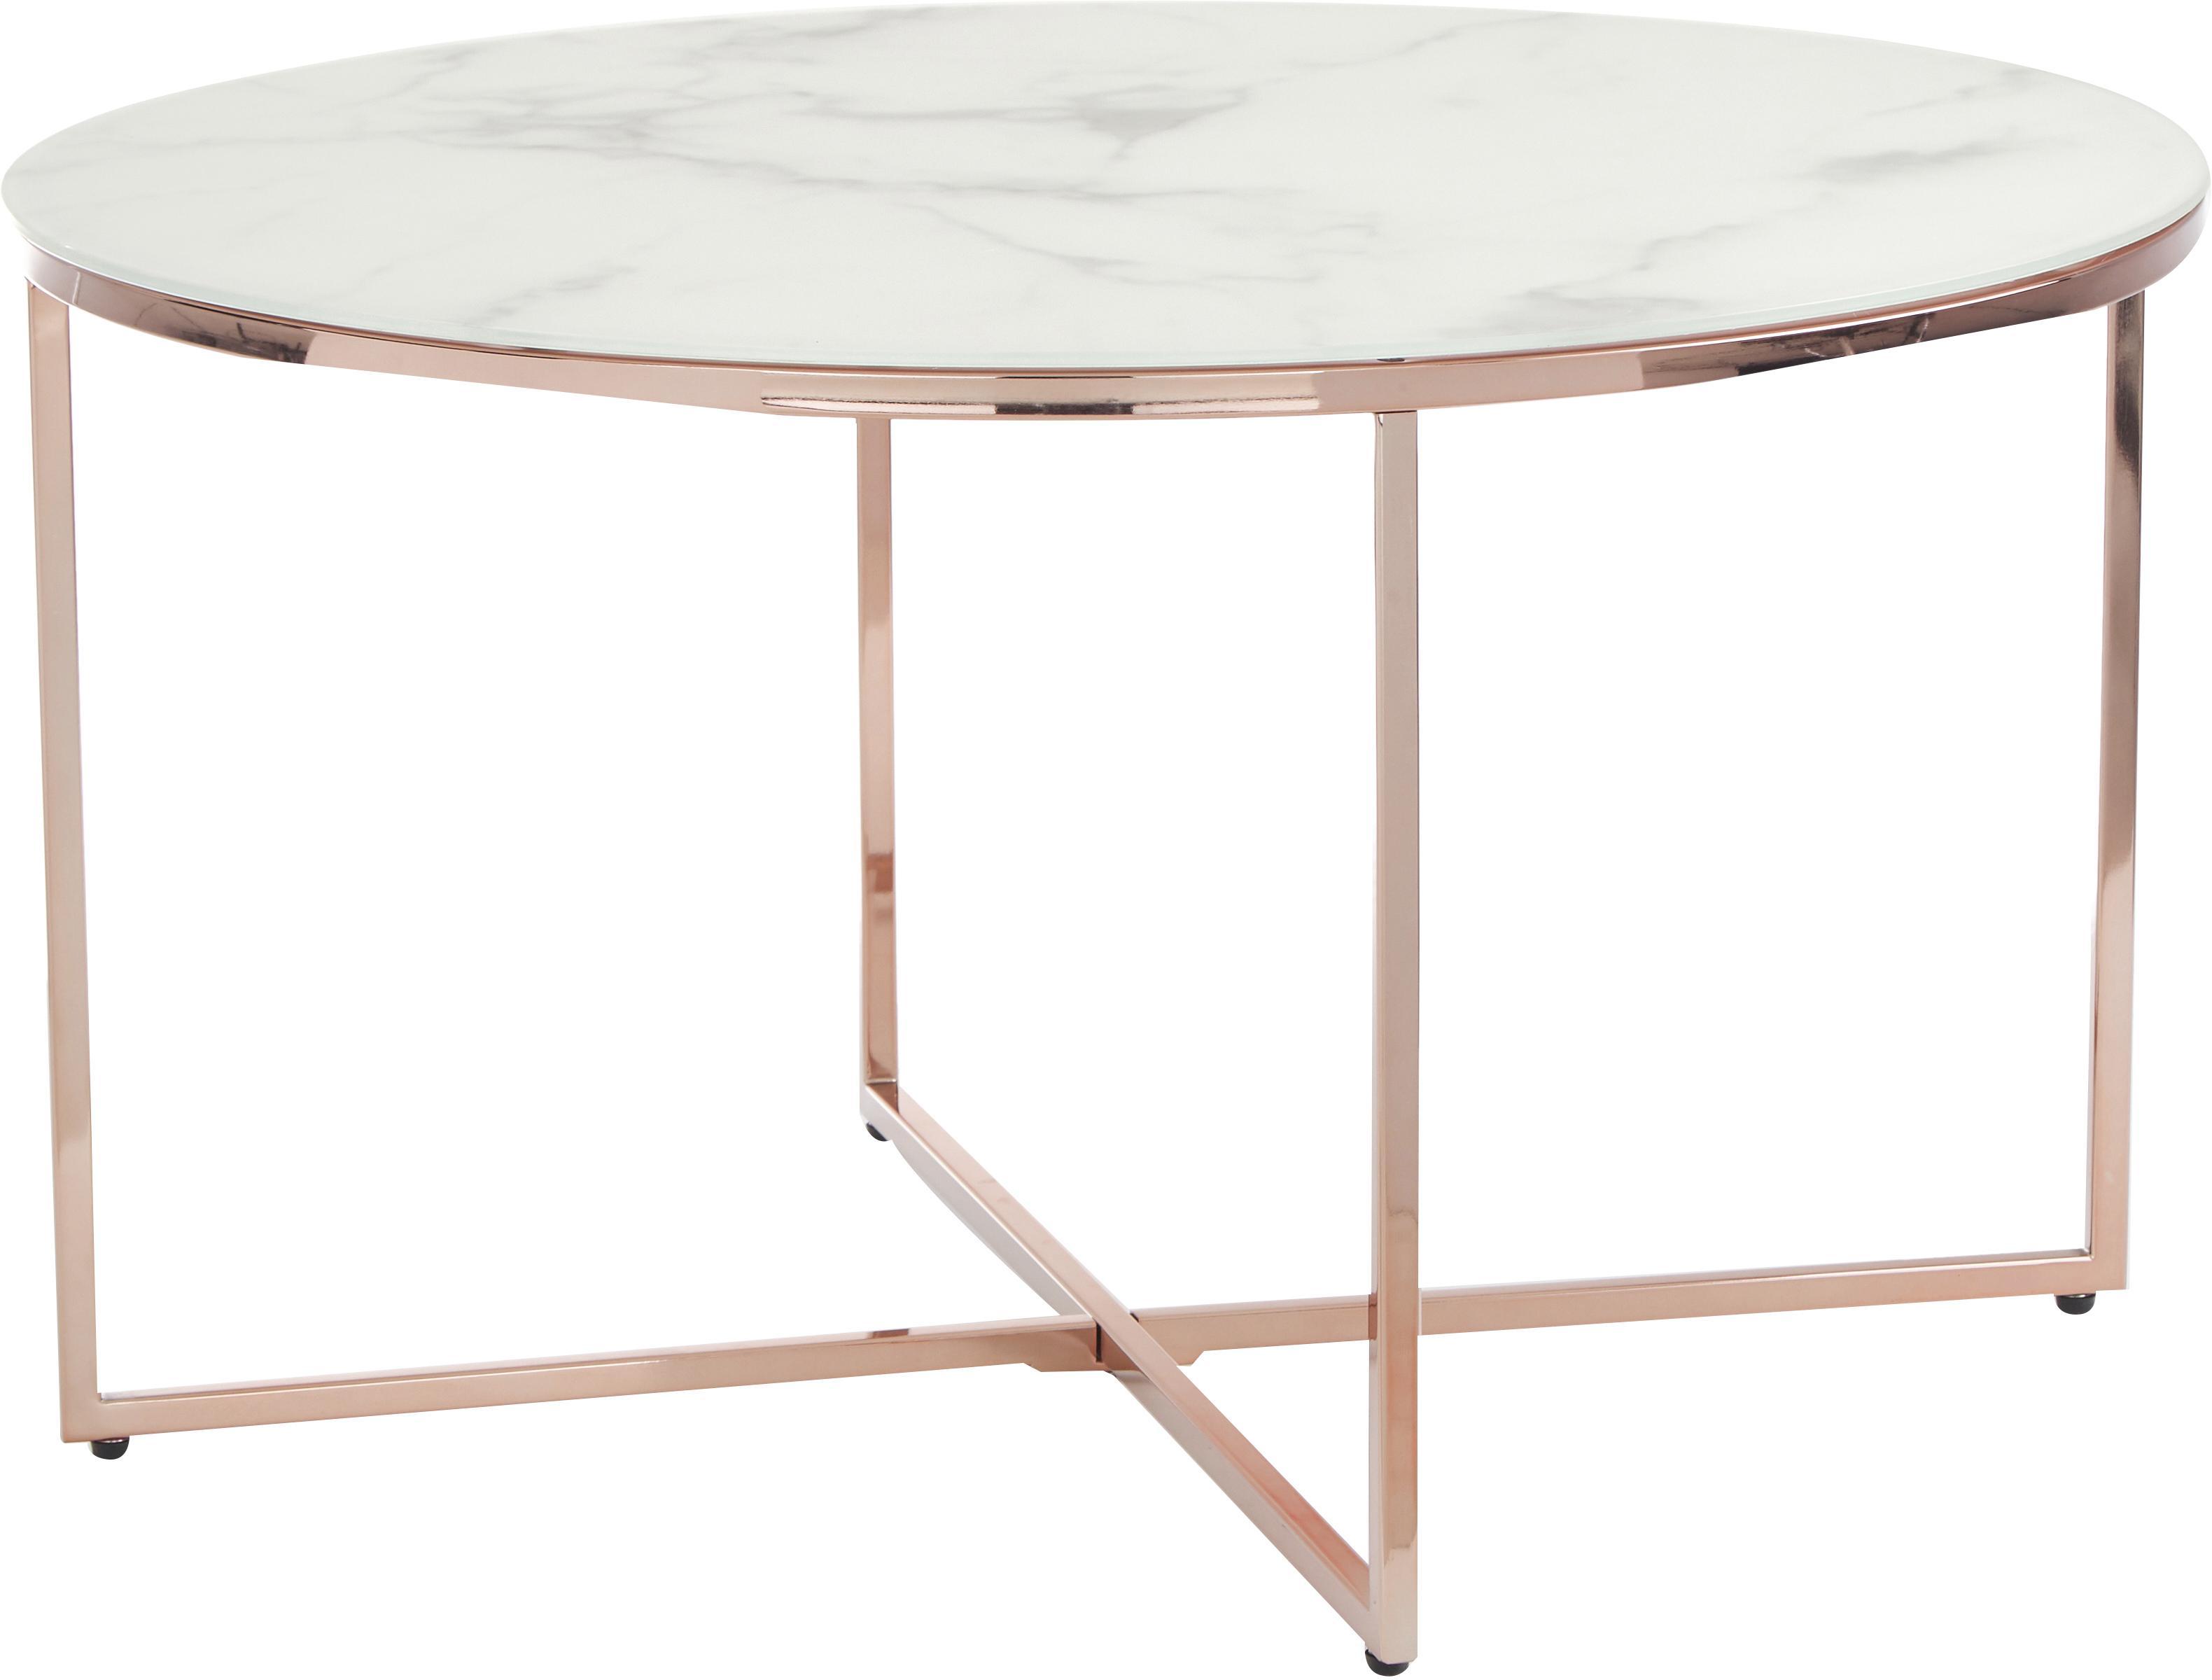 Salontafel Antigua met glazen tafelblad met marmerlook, Tafelblad: mat bedrukt glas, Frame: vermessingd staal, Wit-grijs gemarmerd, roségoudkleurig, Ø 80 x H 45 cm